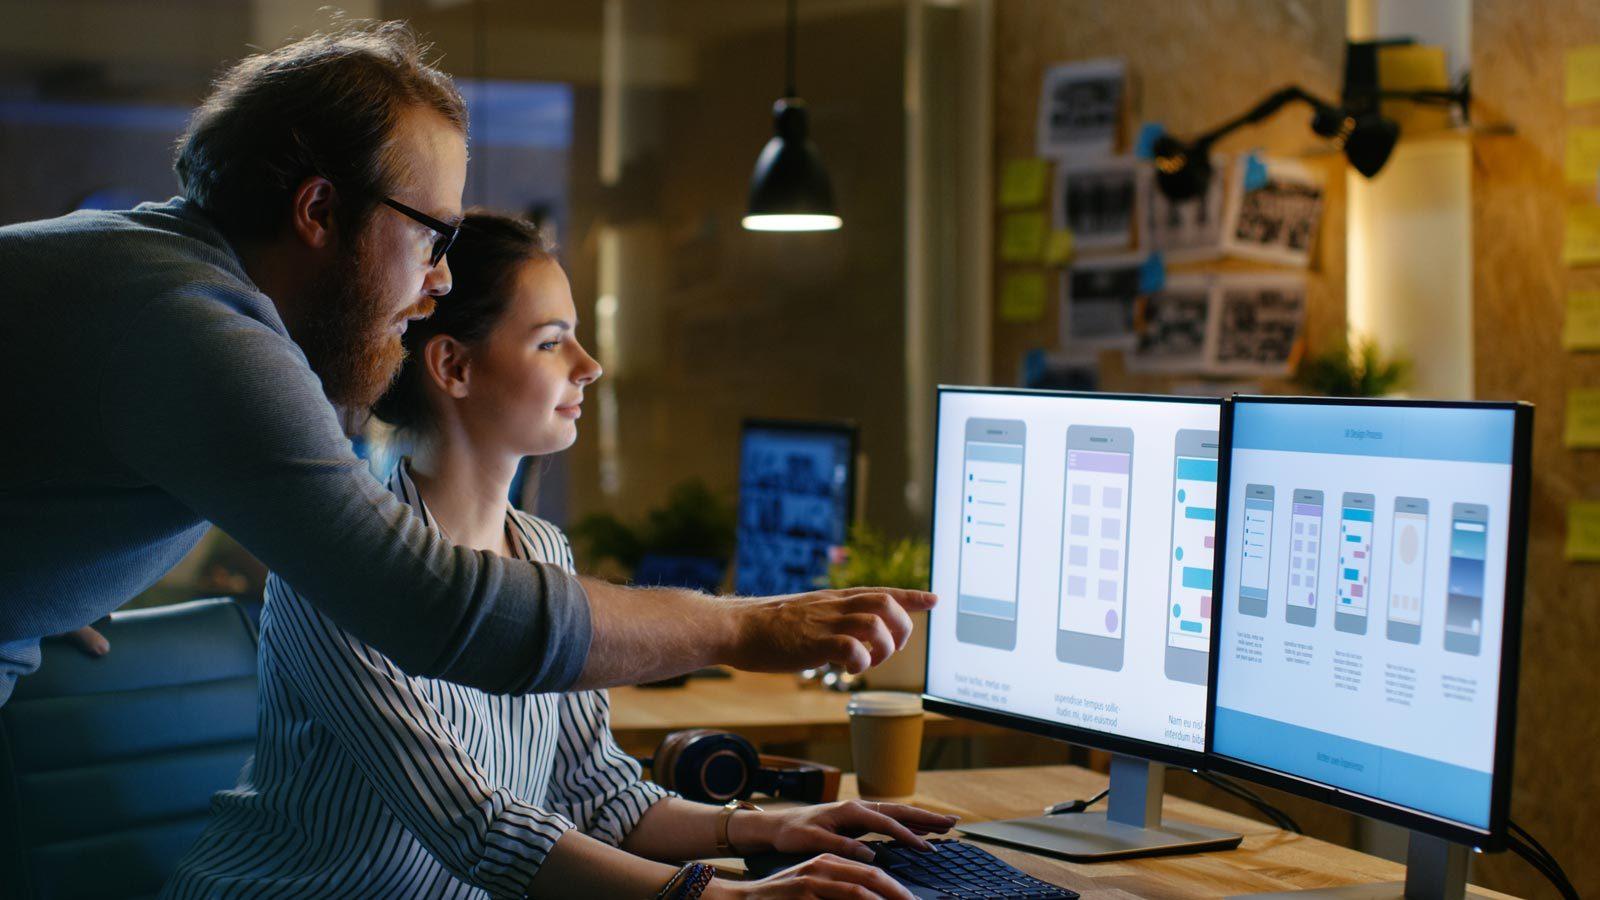 دستمزد طراحی وبسایت توسط آژانس های طراحی و توسعه وب